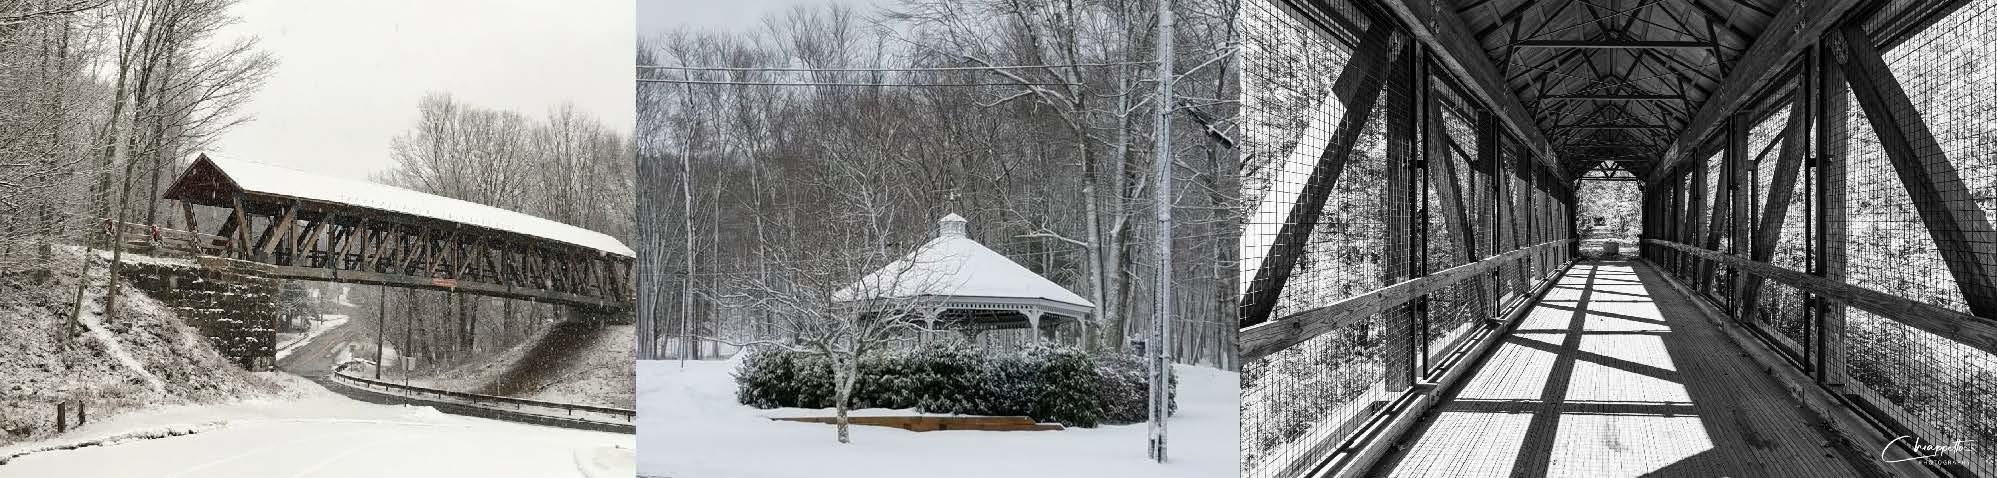 winter slideshow 1